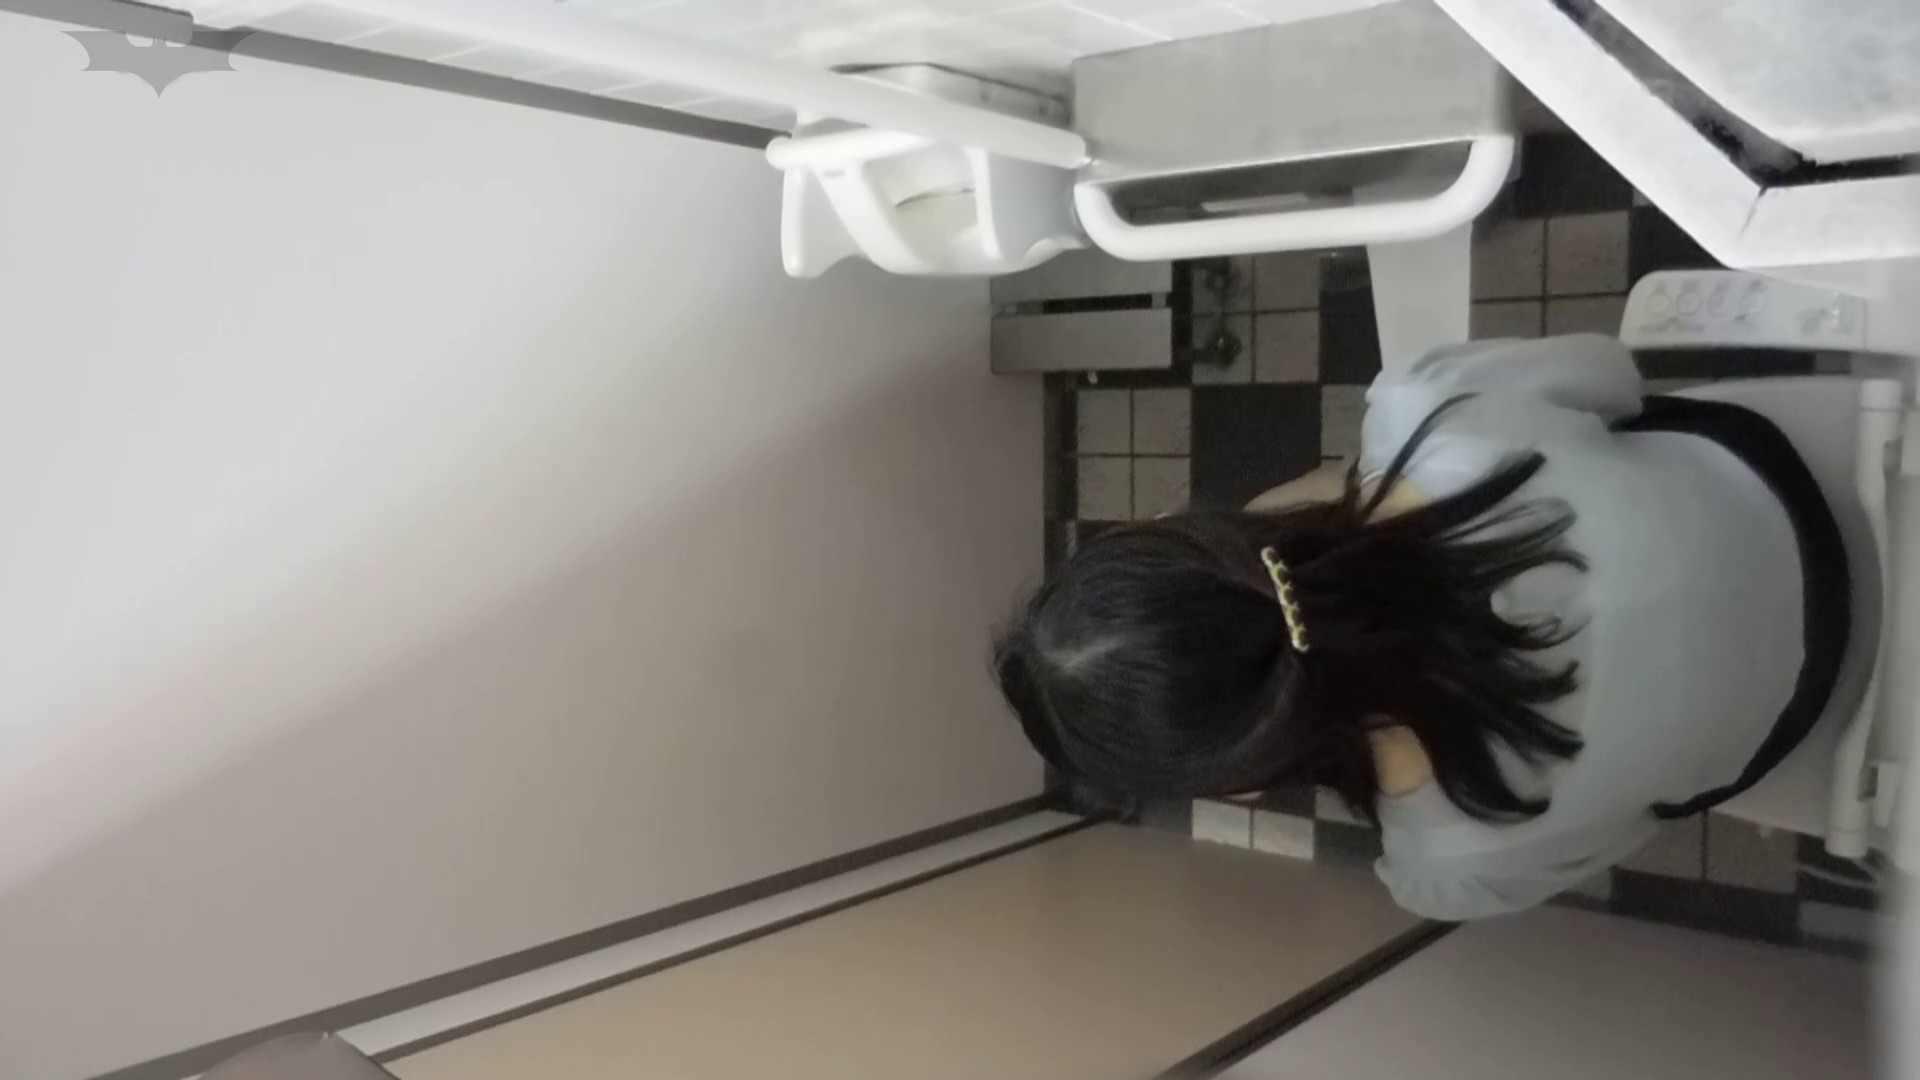 化粧室絵巻 駅舎編 VOL.21 ヨリドリミドリ!!選びたい放題です。 OLハメ撮り  80Pix 33